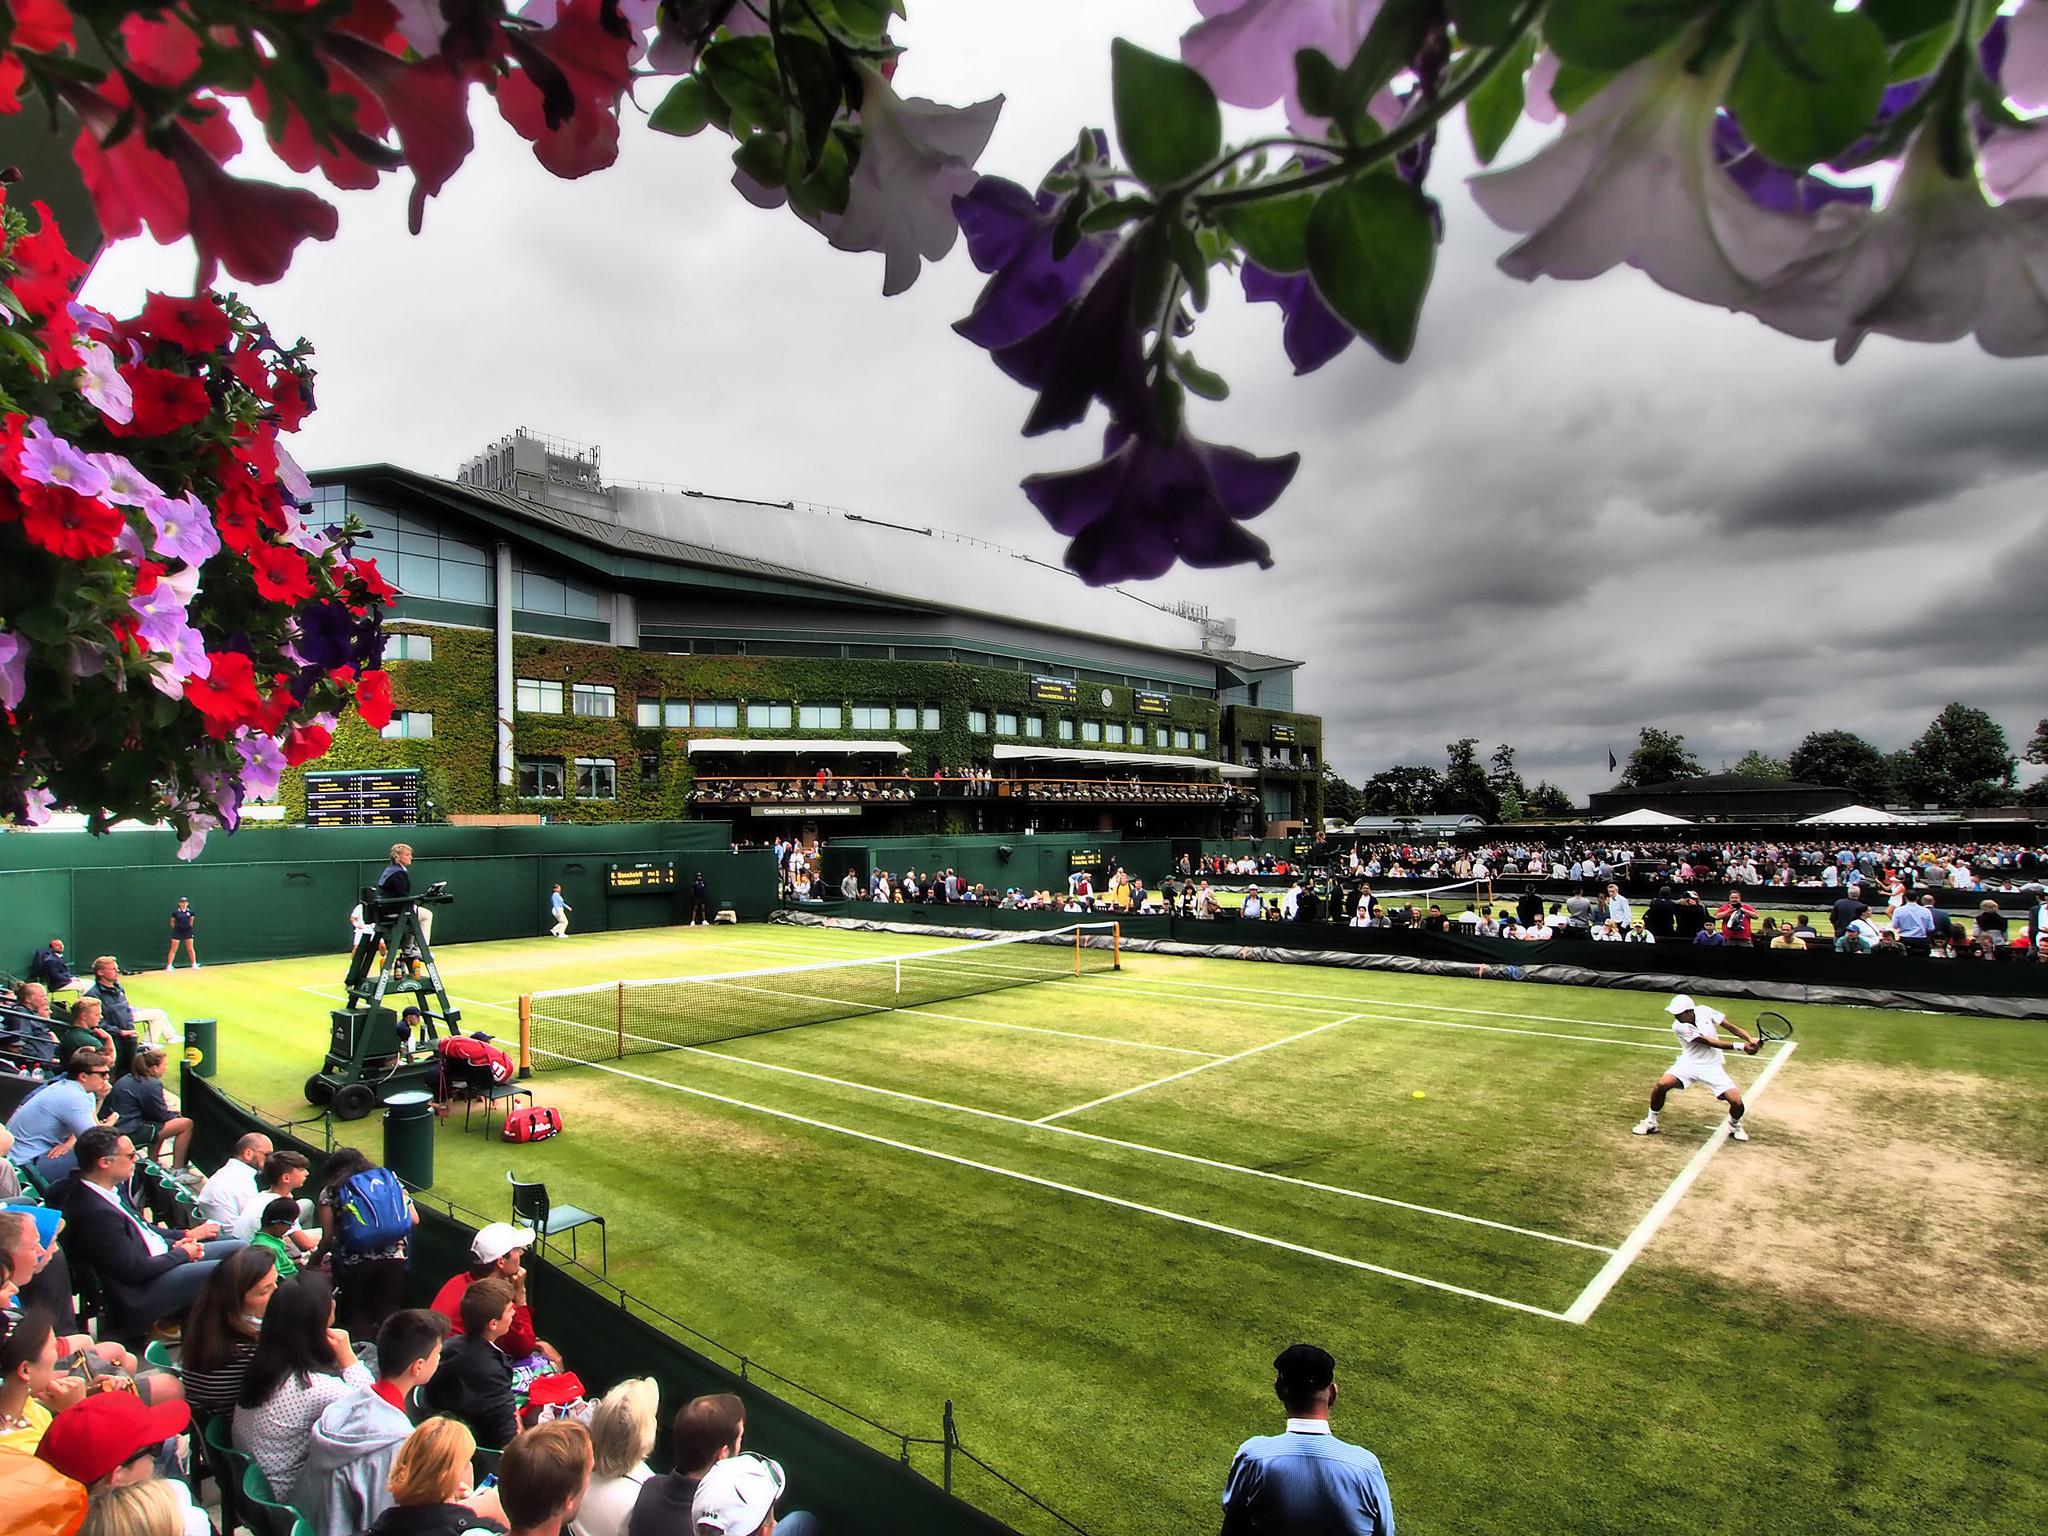 To nejlepší z tenisu! Navštiv s námi tenisové turnaje z okruhu WTA a ATP Tour